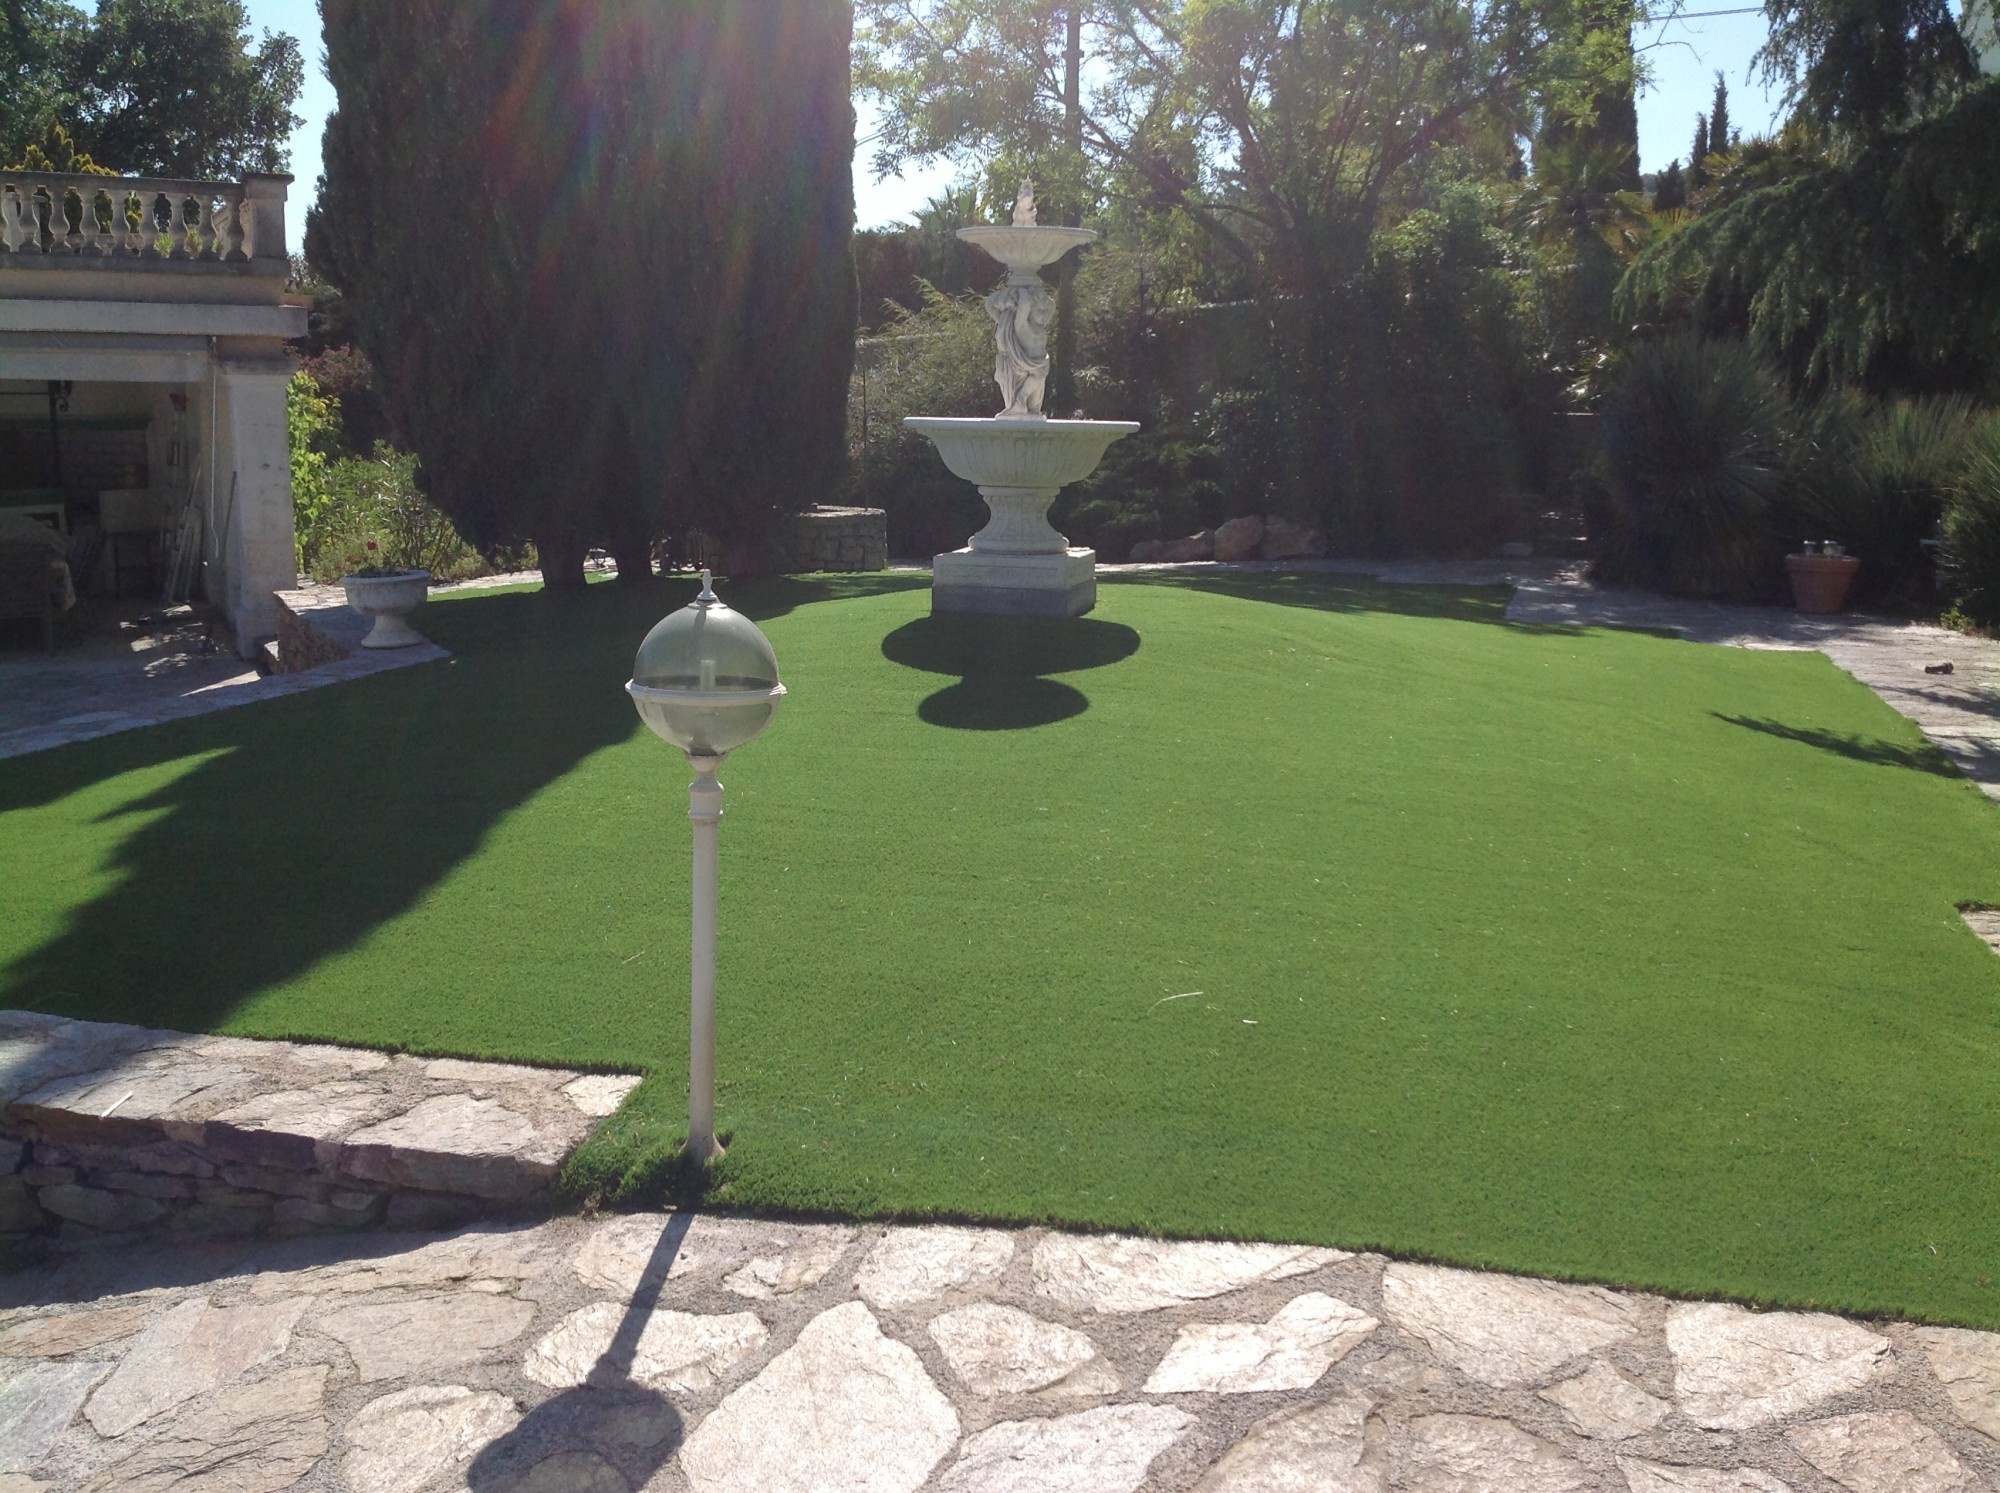 pose d'une pelouse artificielle à Hyères